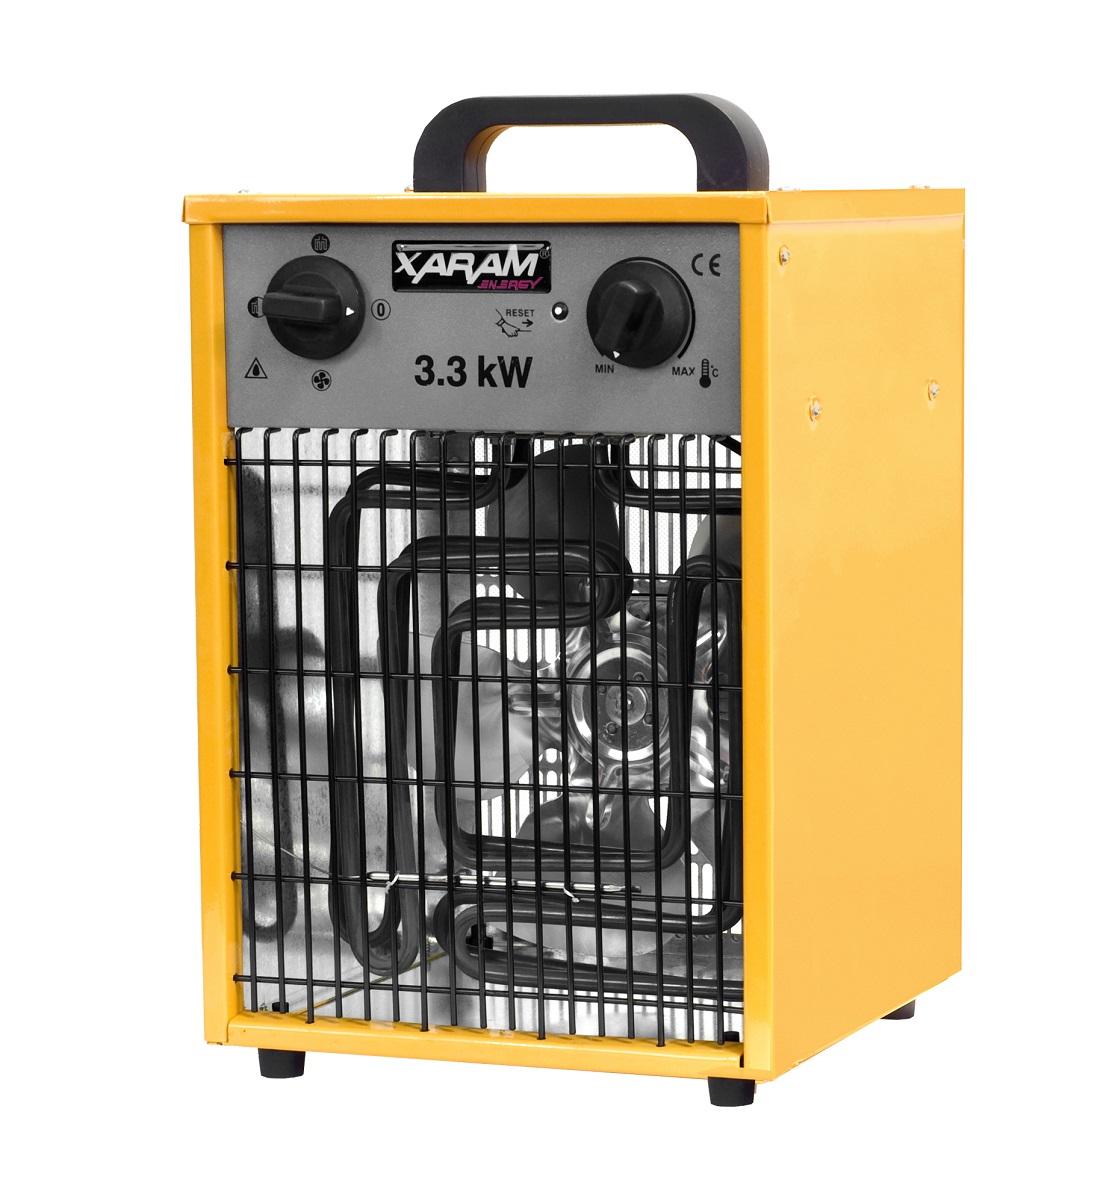 nagrzewnice elektryczna xaram energy / heater 3,3 kW